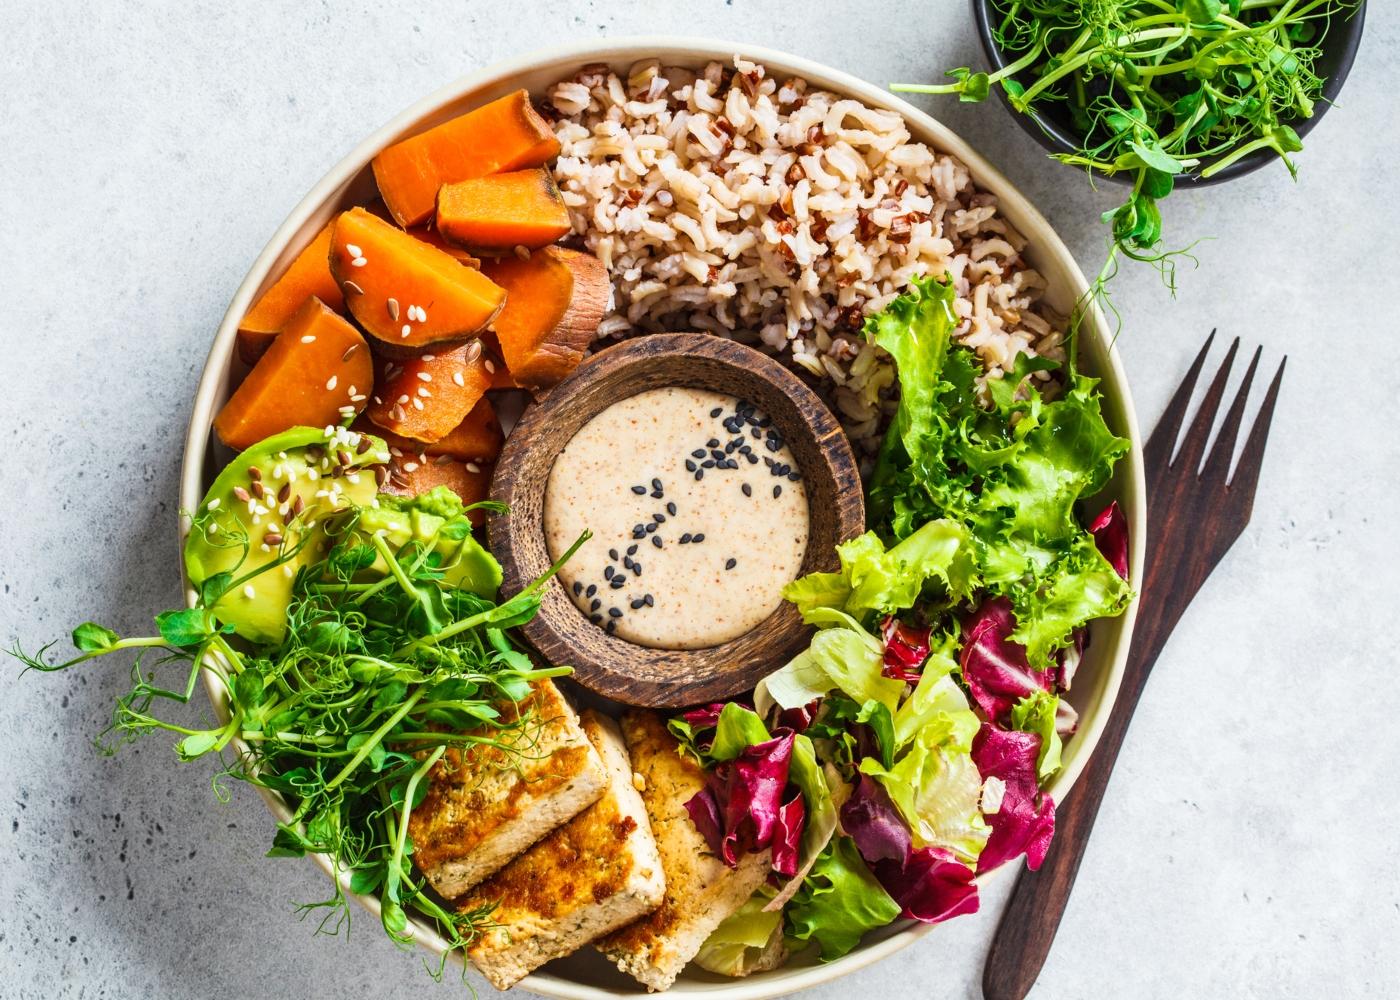 Prato com alimentos vegetarianos